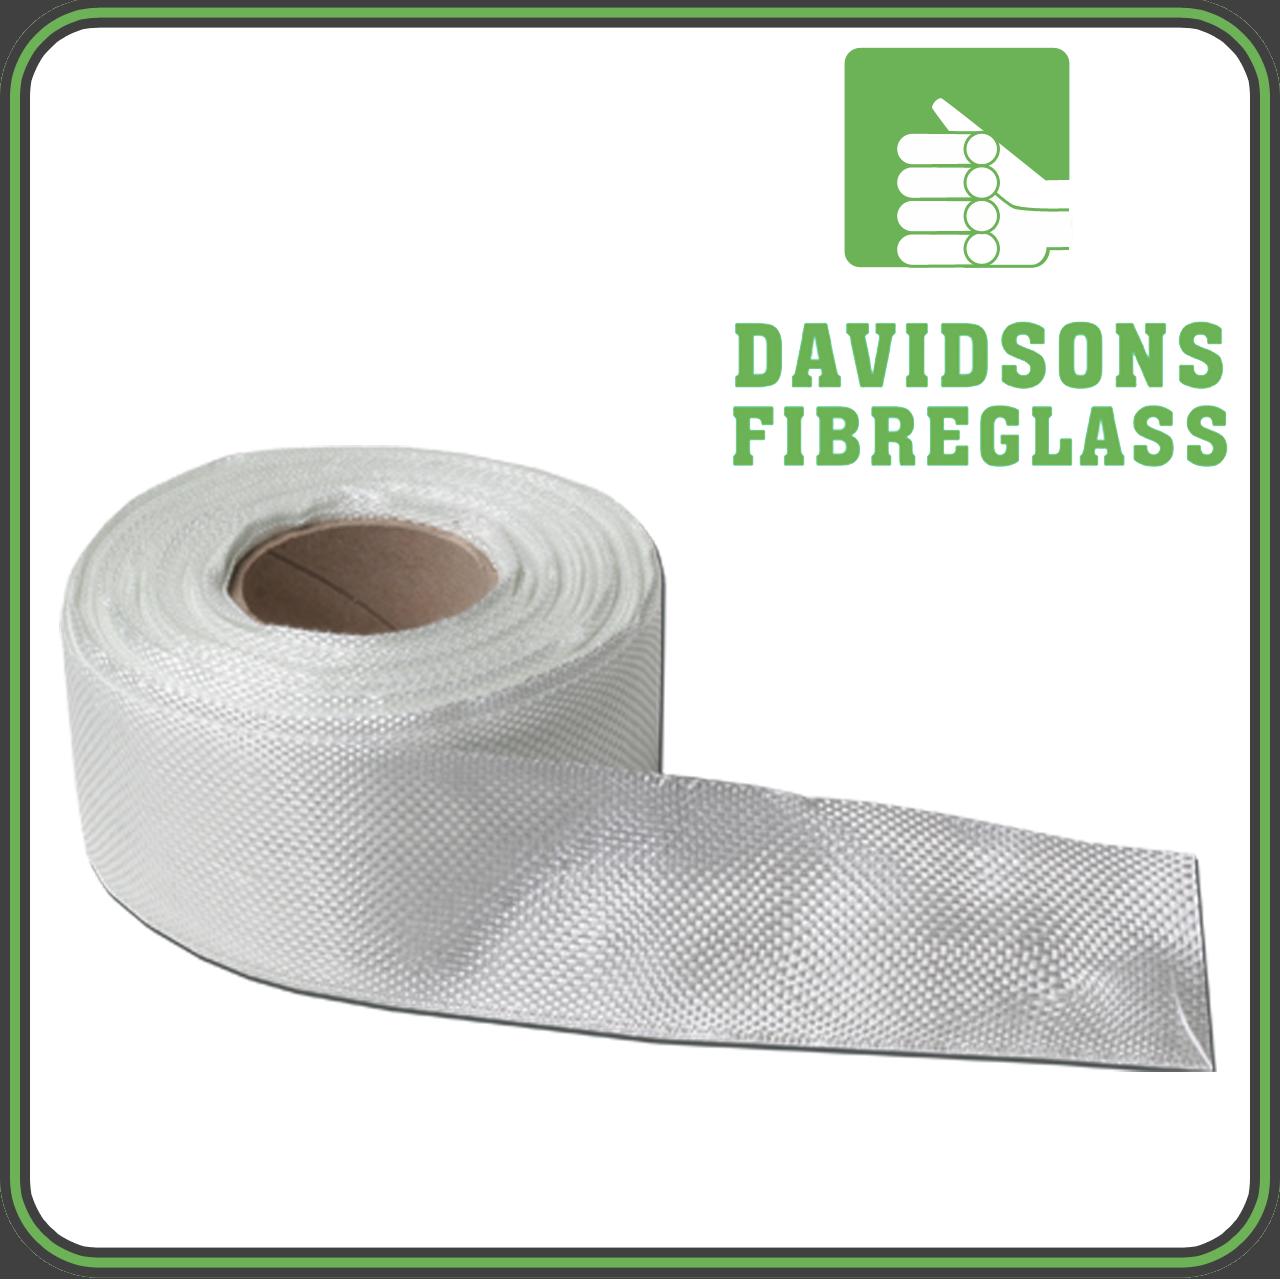 Davidsons Fibreglass